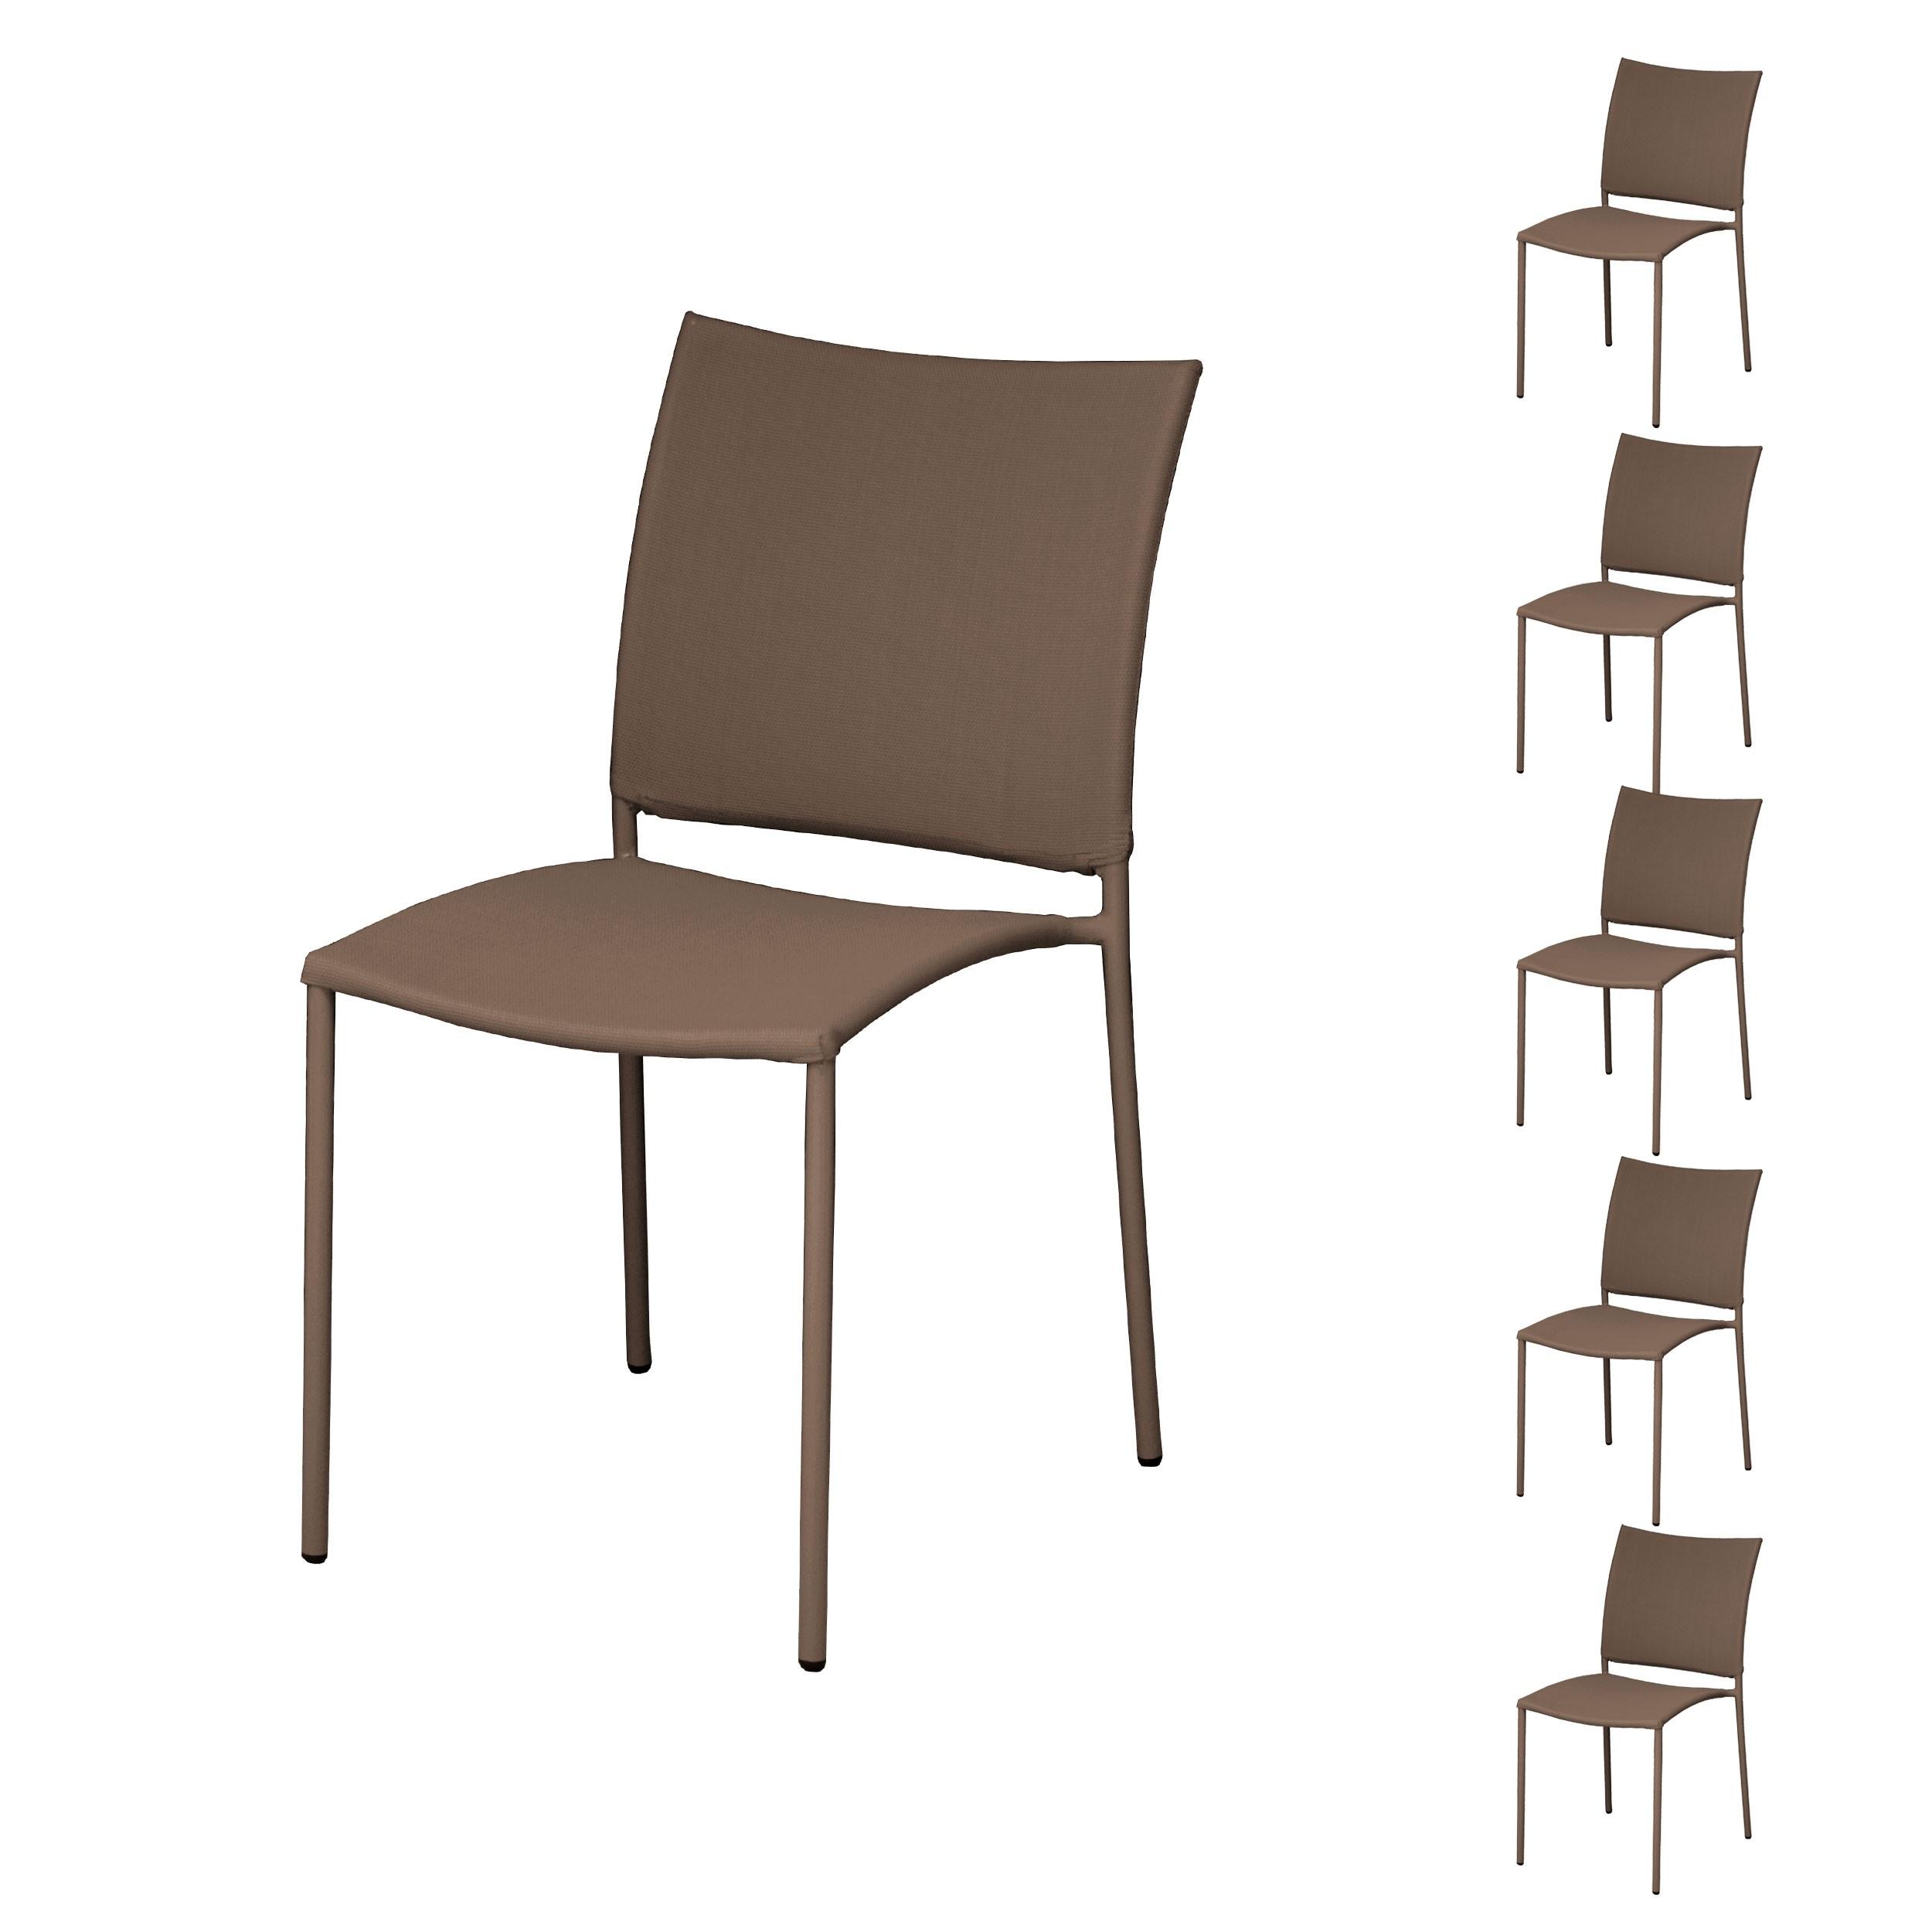 acheter chaise empilable cafe lot de 6